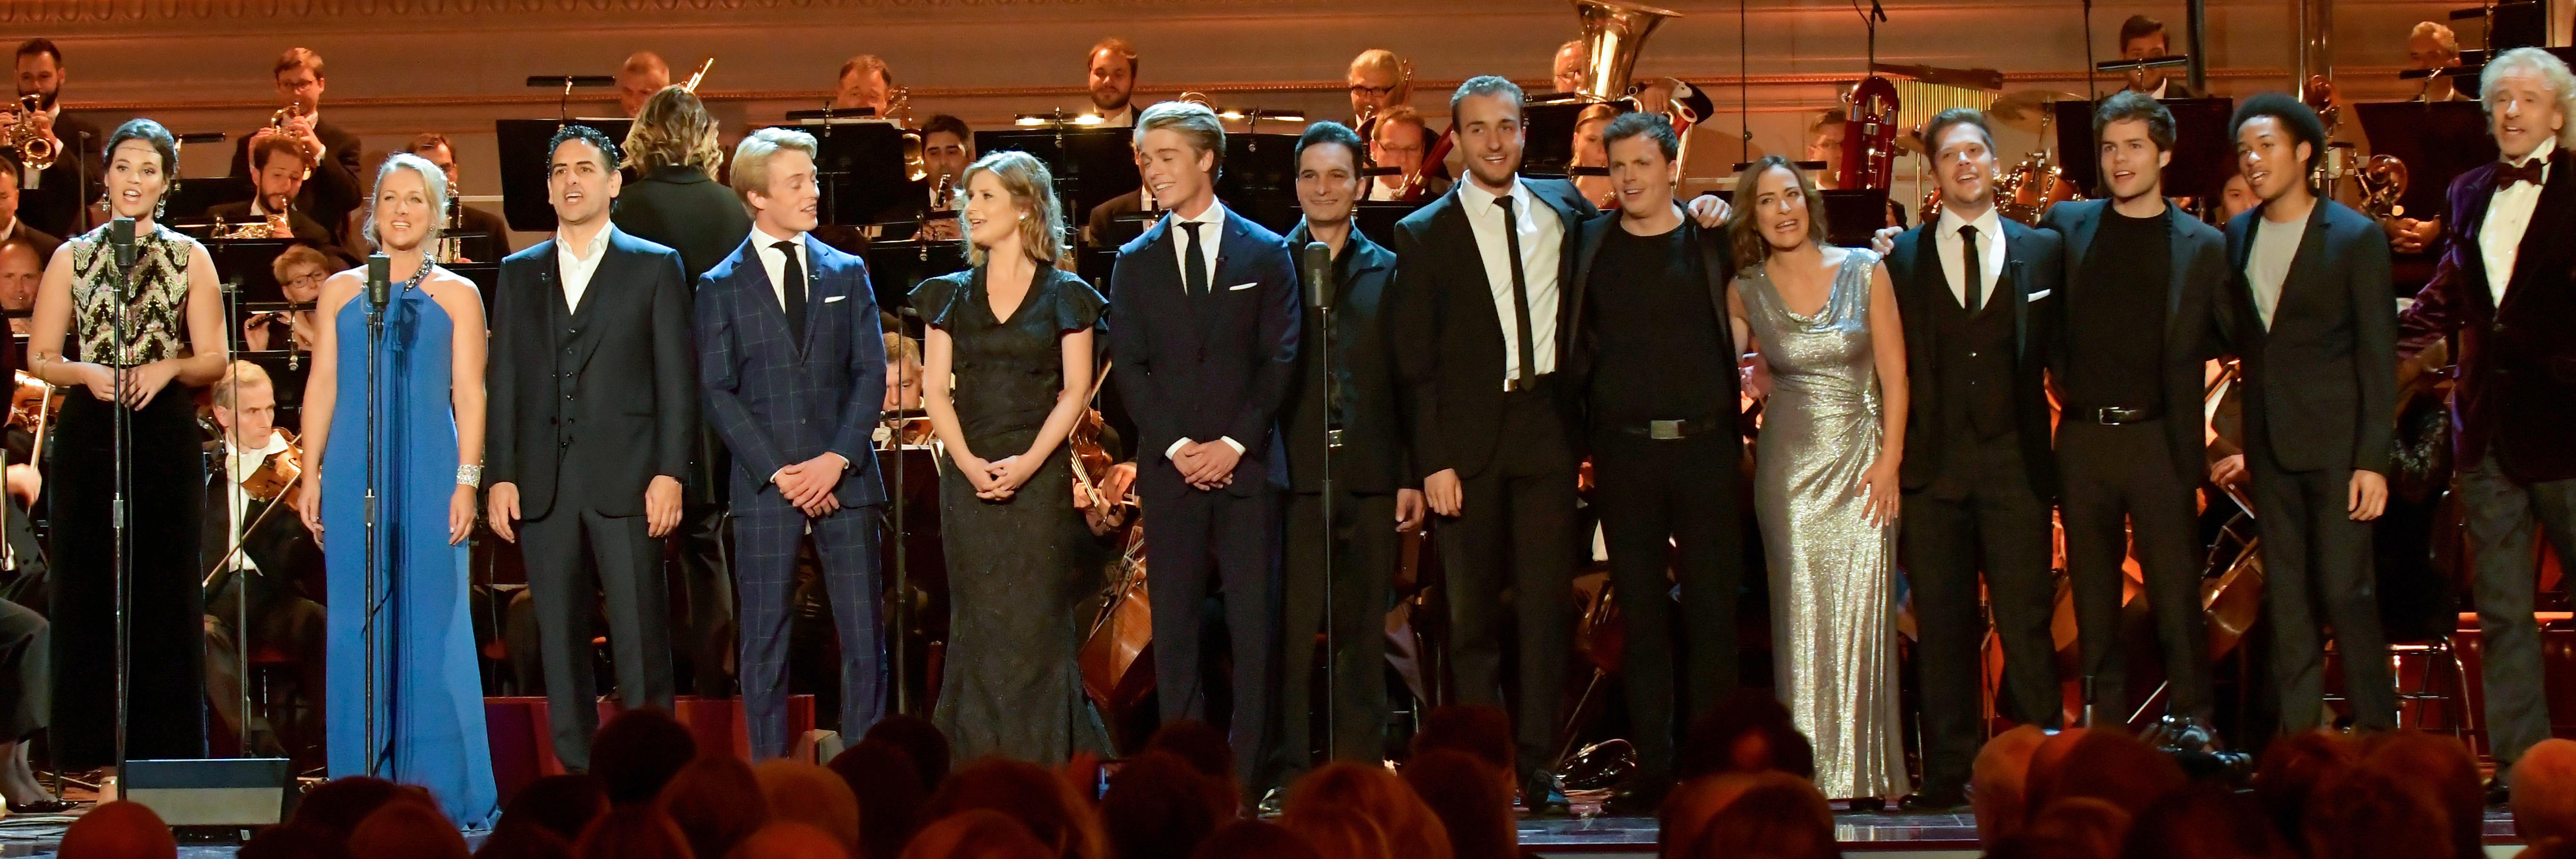 OPUS-Klassik. Beim Finale der Gala standen viele Preisträger gemeinsam auf der Bühne